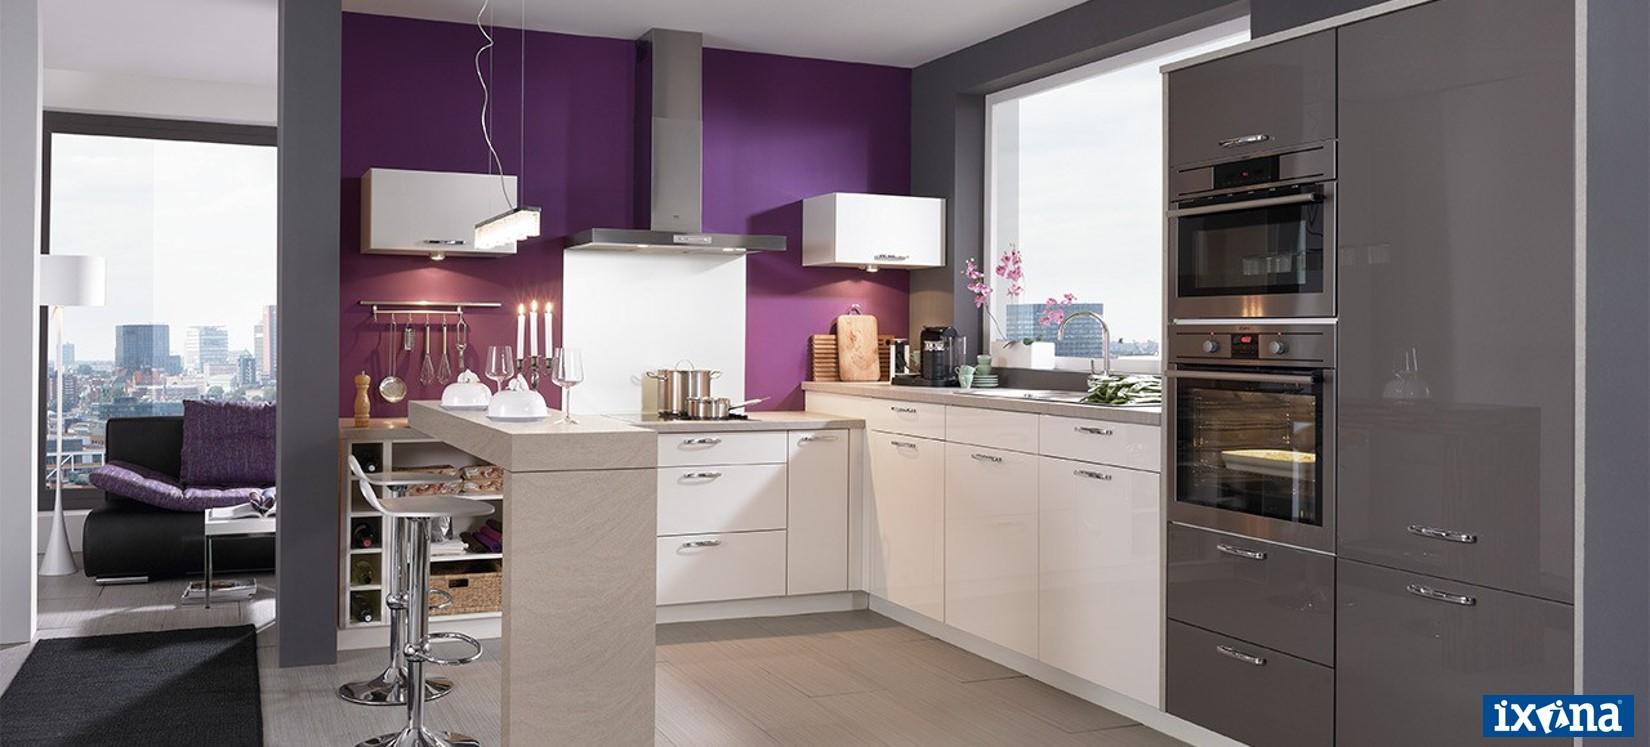 Taille moyenne cuisine ide de dcoration pour une terrasse avec une cuisine e - Taille moyenne cuisine ...